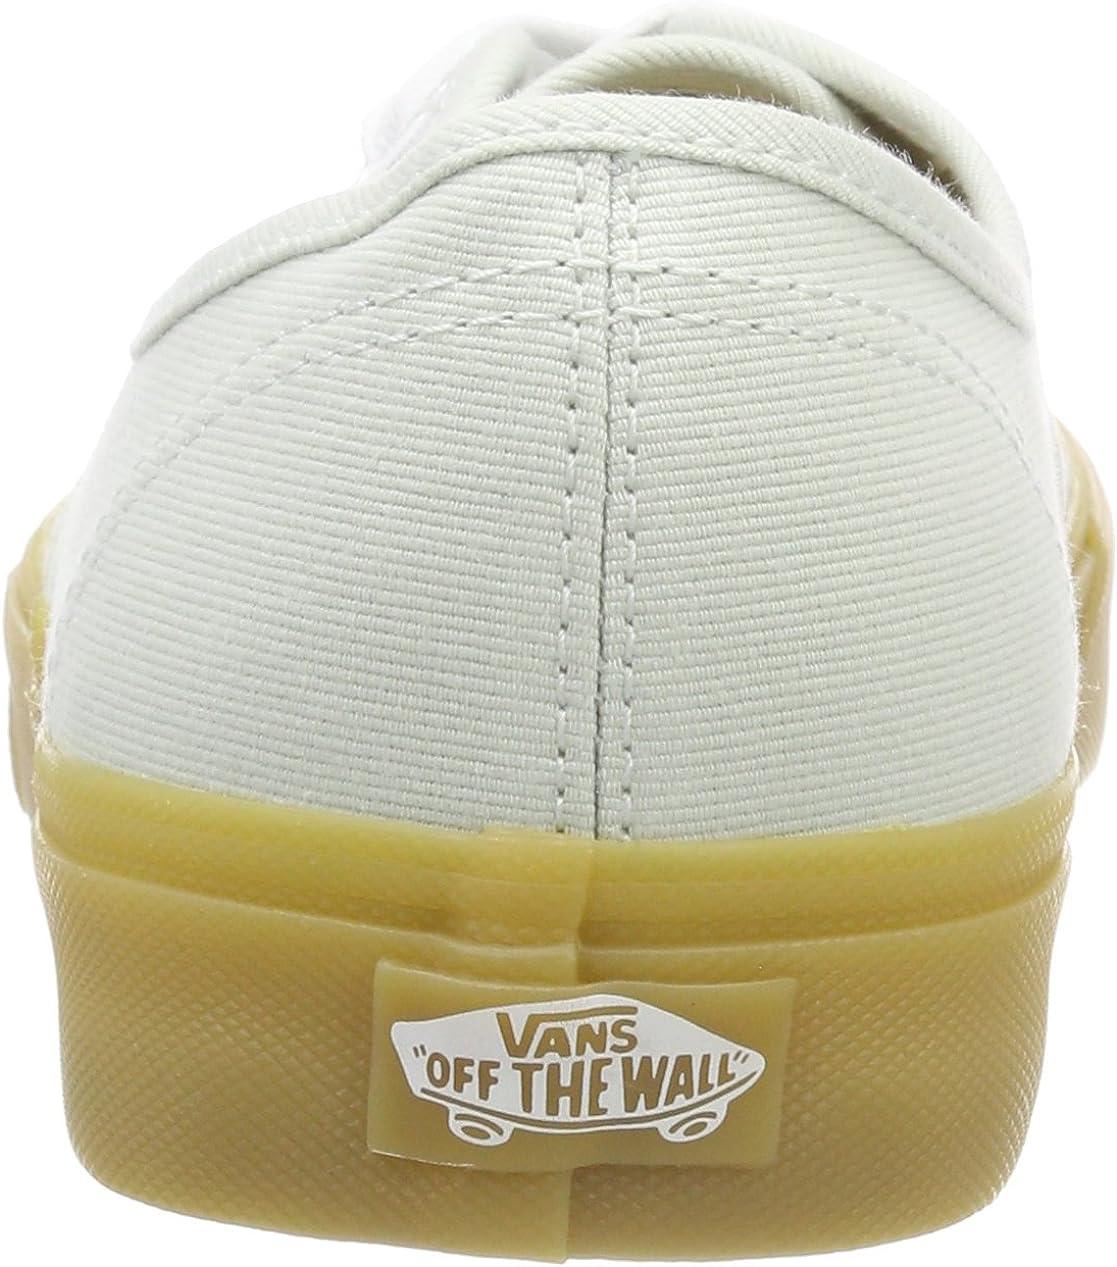 Vans Women's Low Top Sneakers